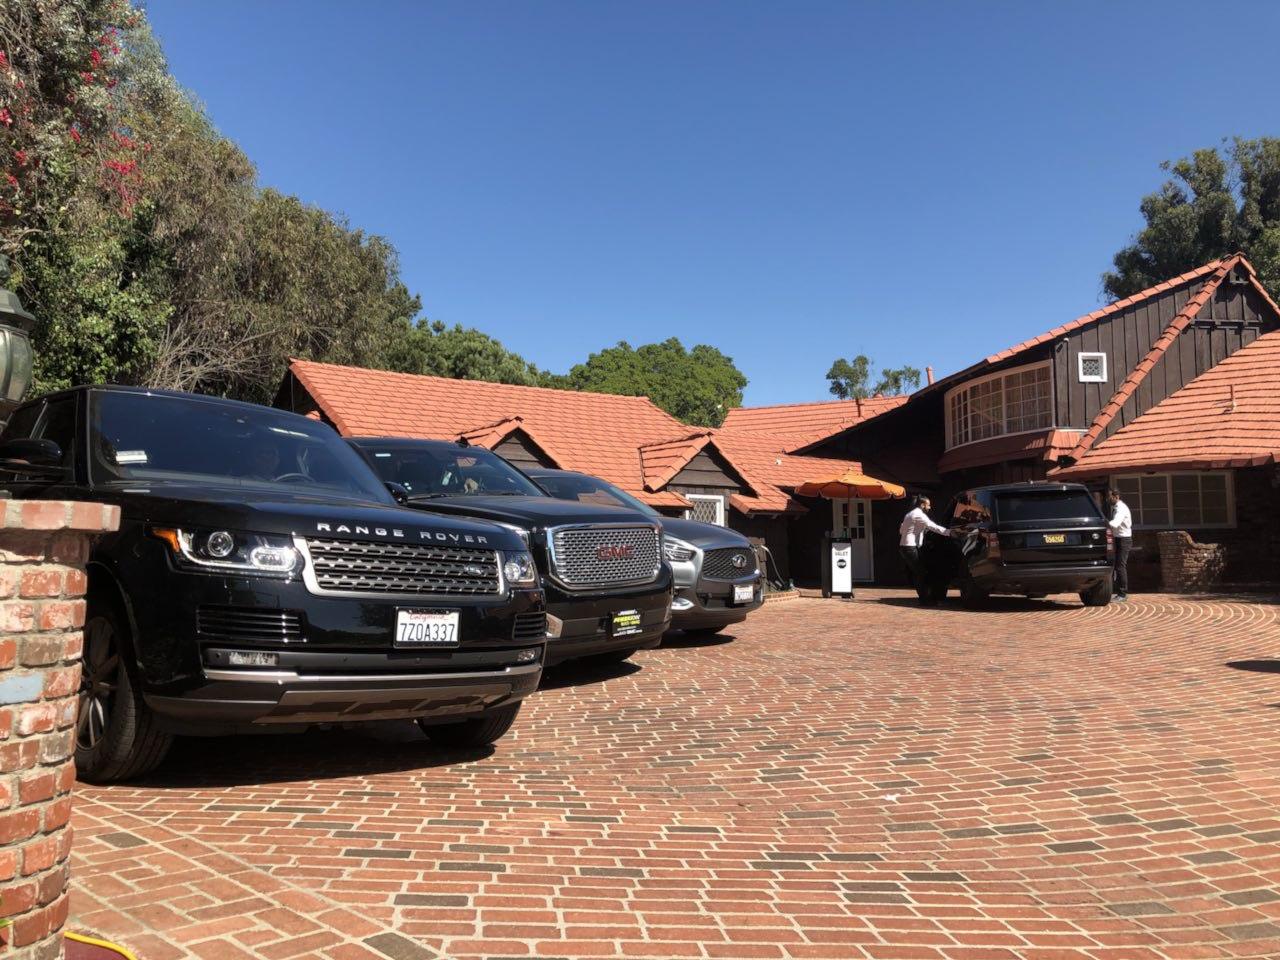 Expert Valet Parking - Santa Monica, CA 90405 - (424)666-7475 | ShowMeLocal.com